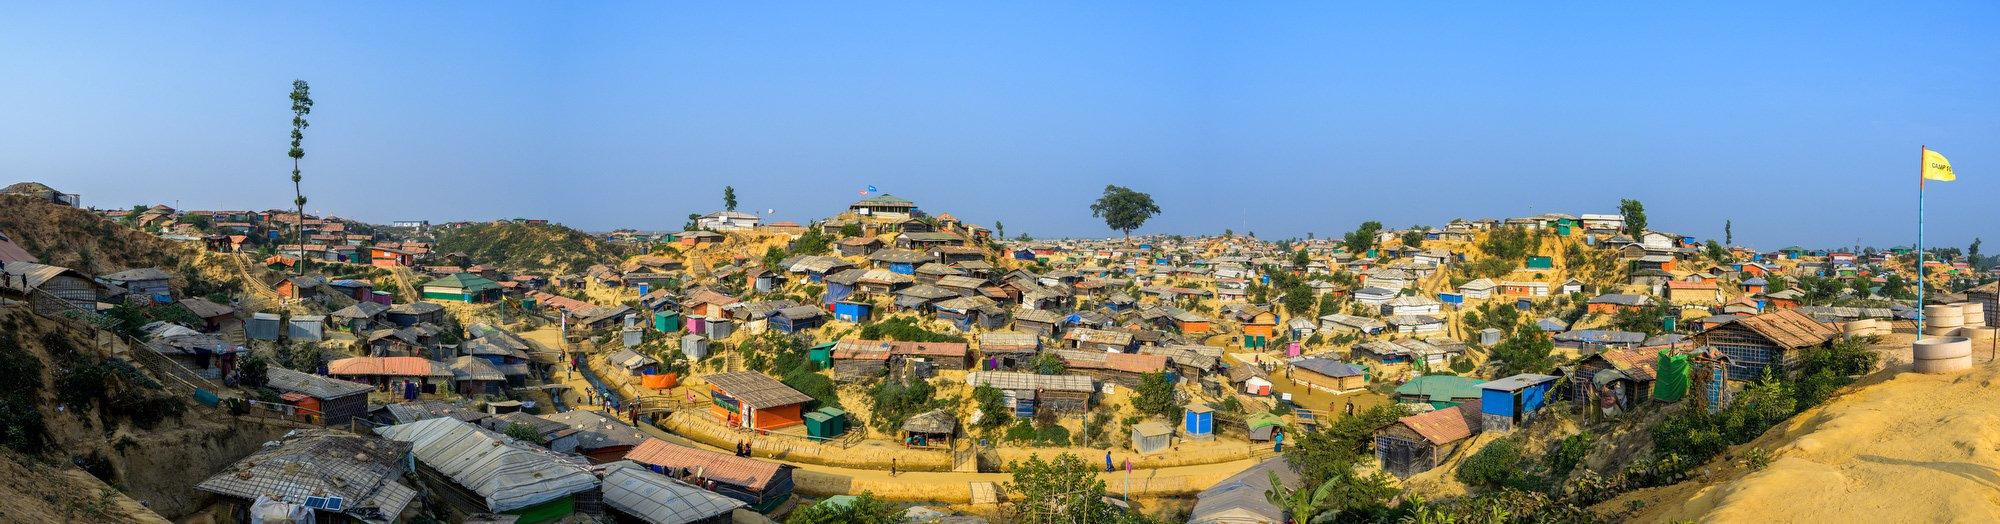 header_rohingya2